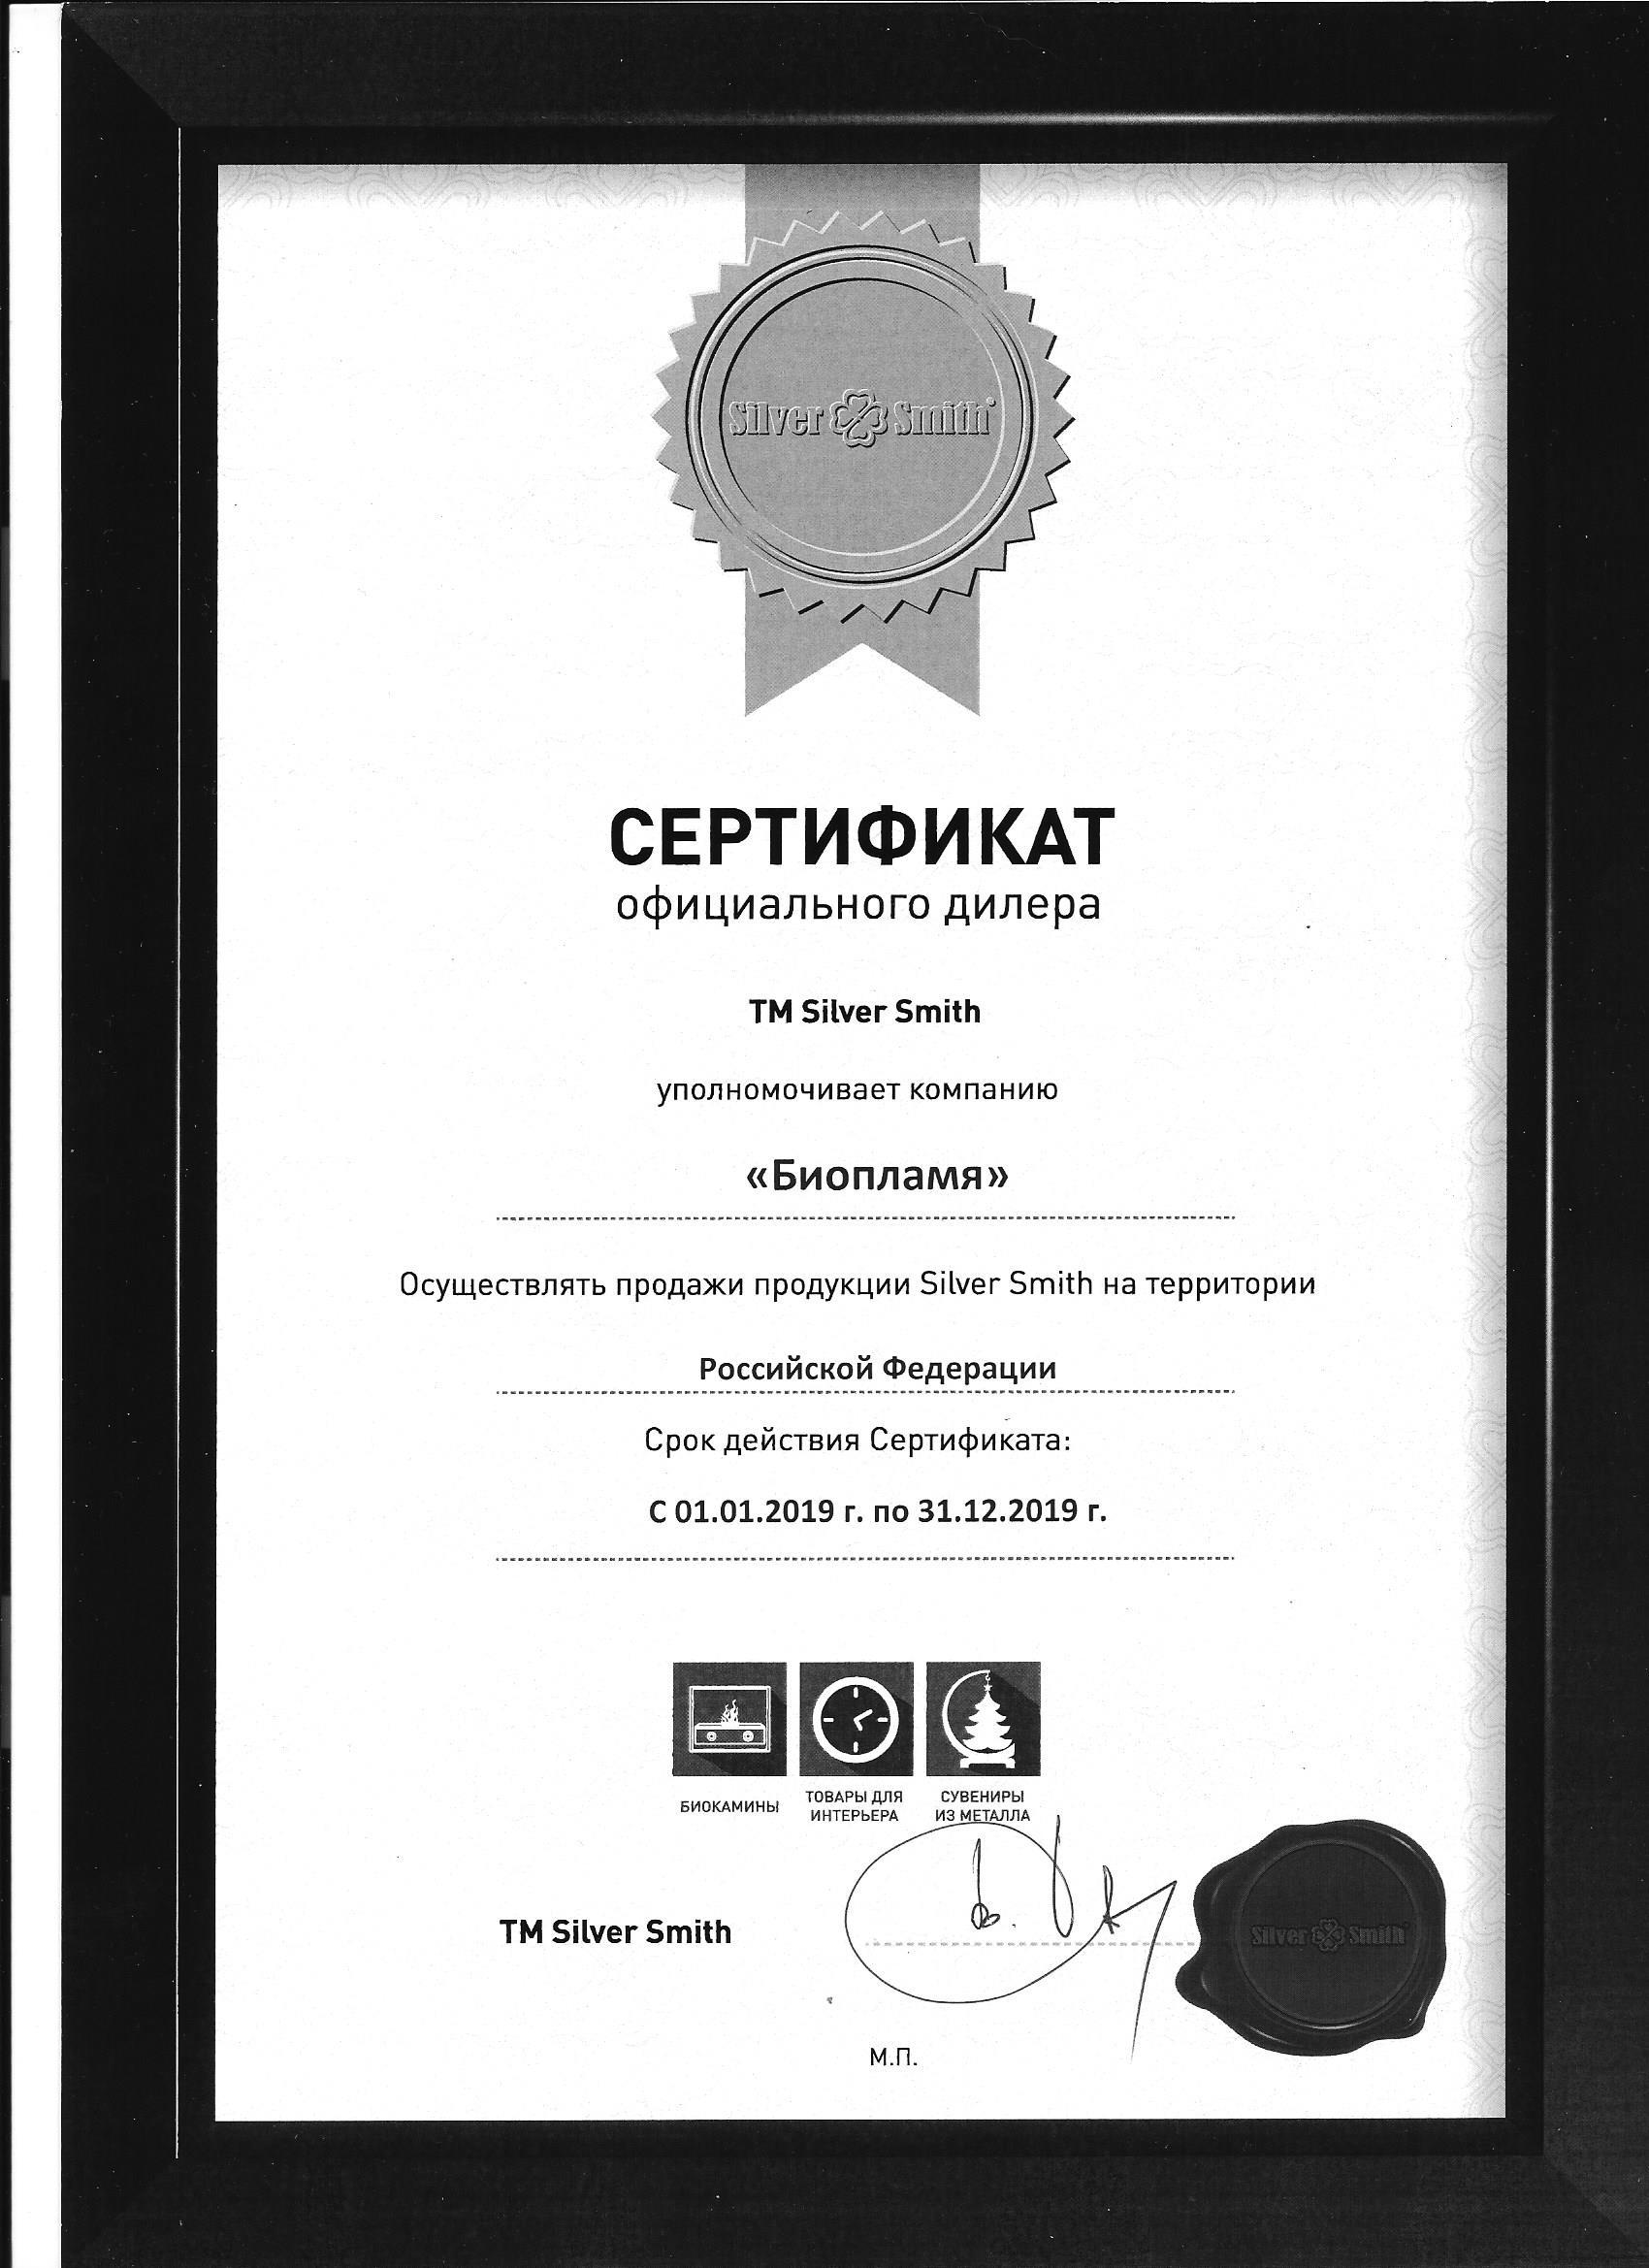 Сертификат-дилера.jpeg